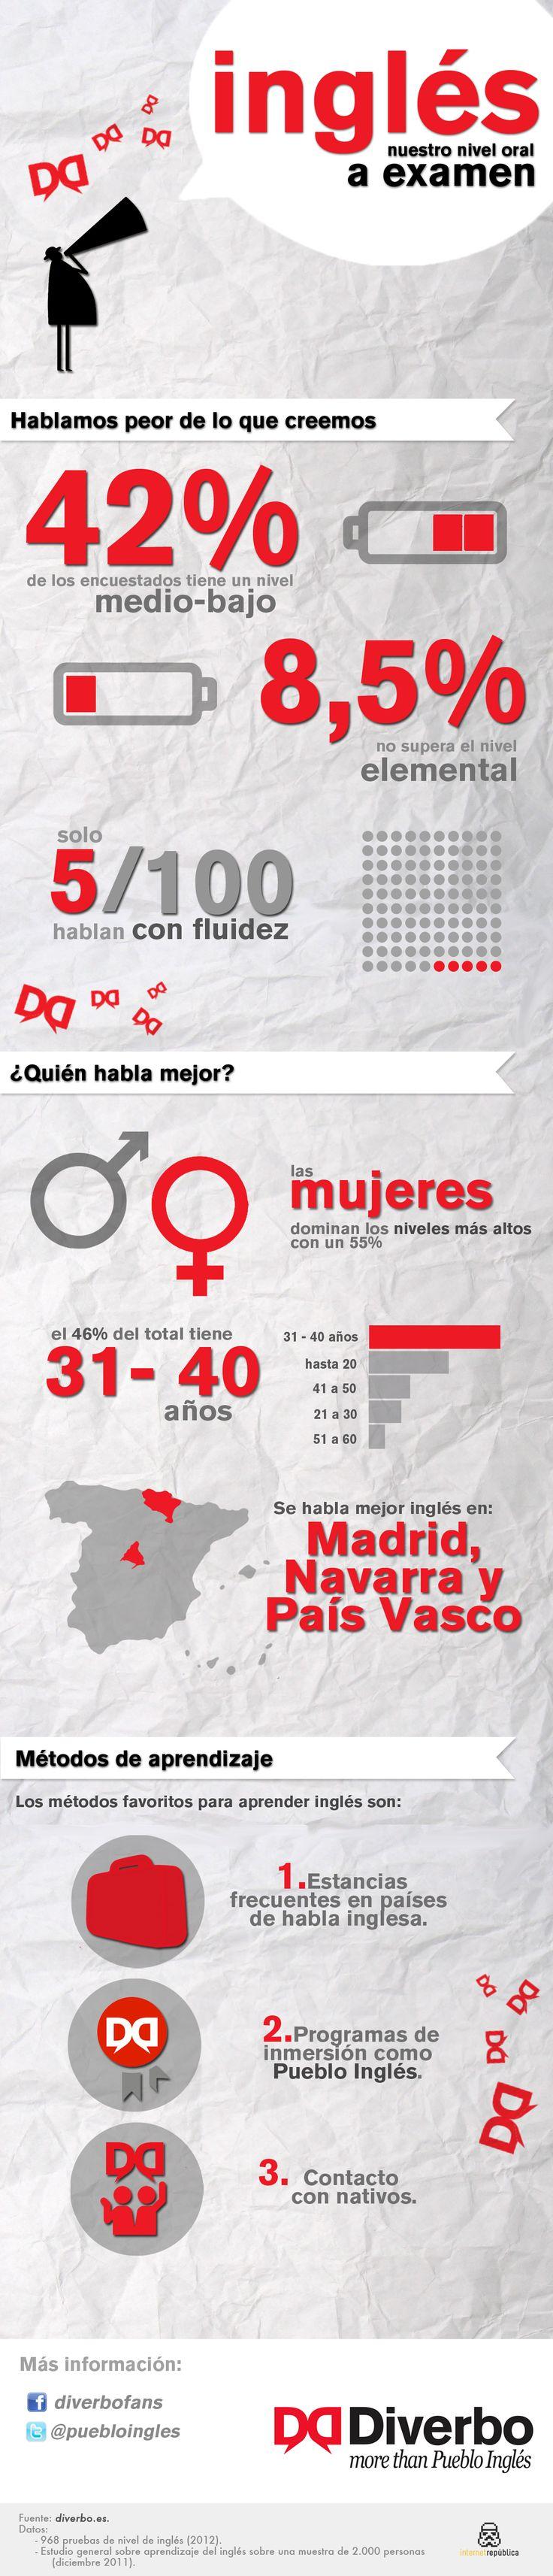 Nivel de inglés de los españoles #infografia